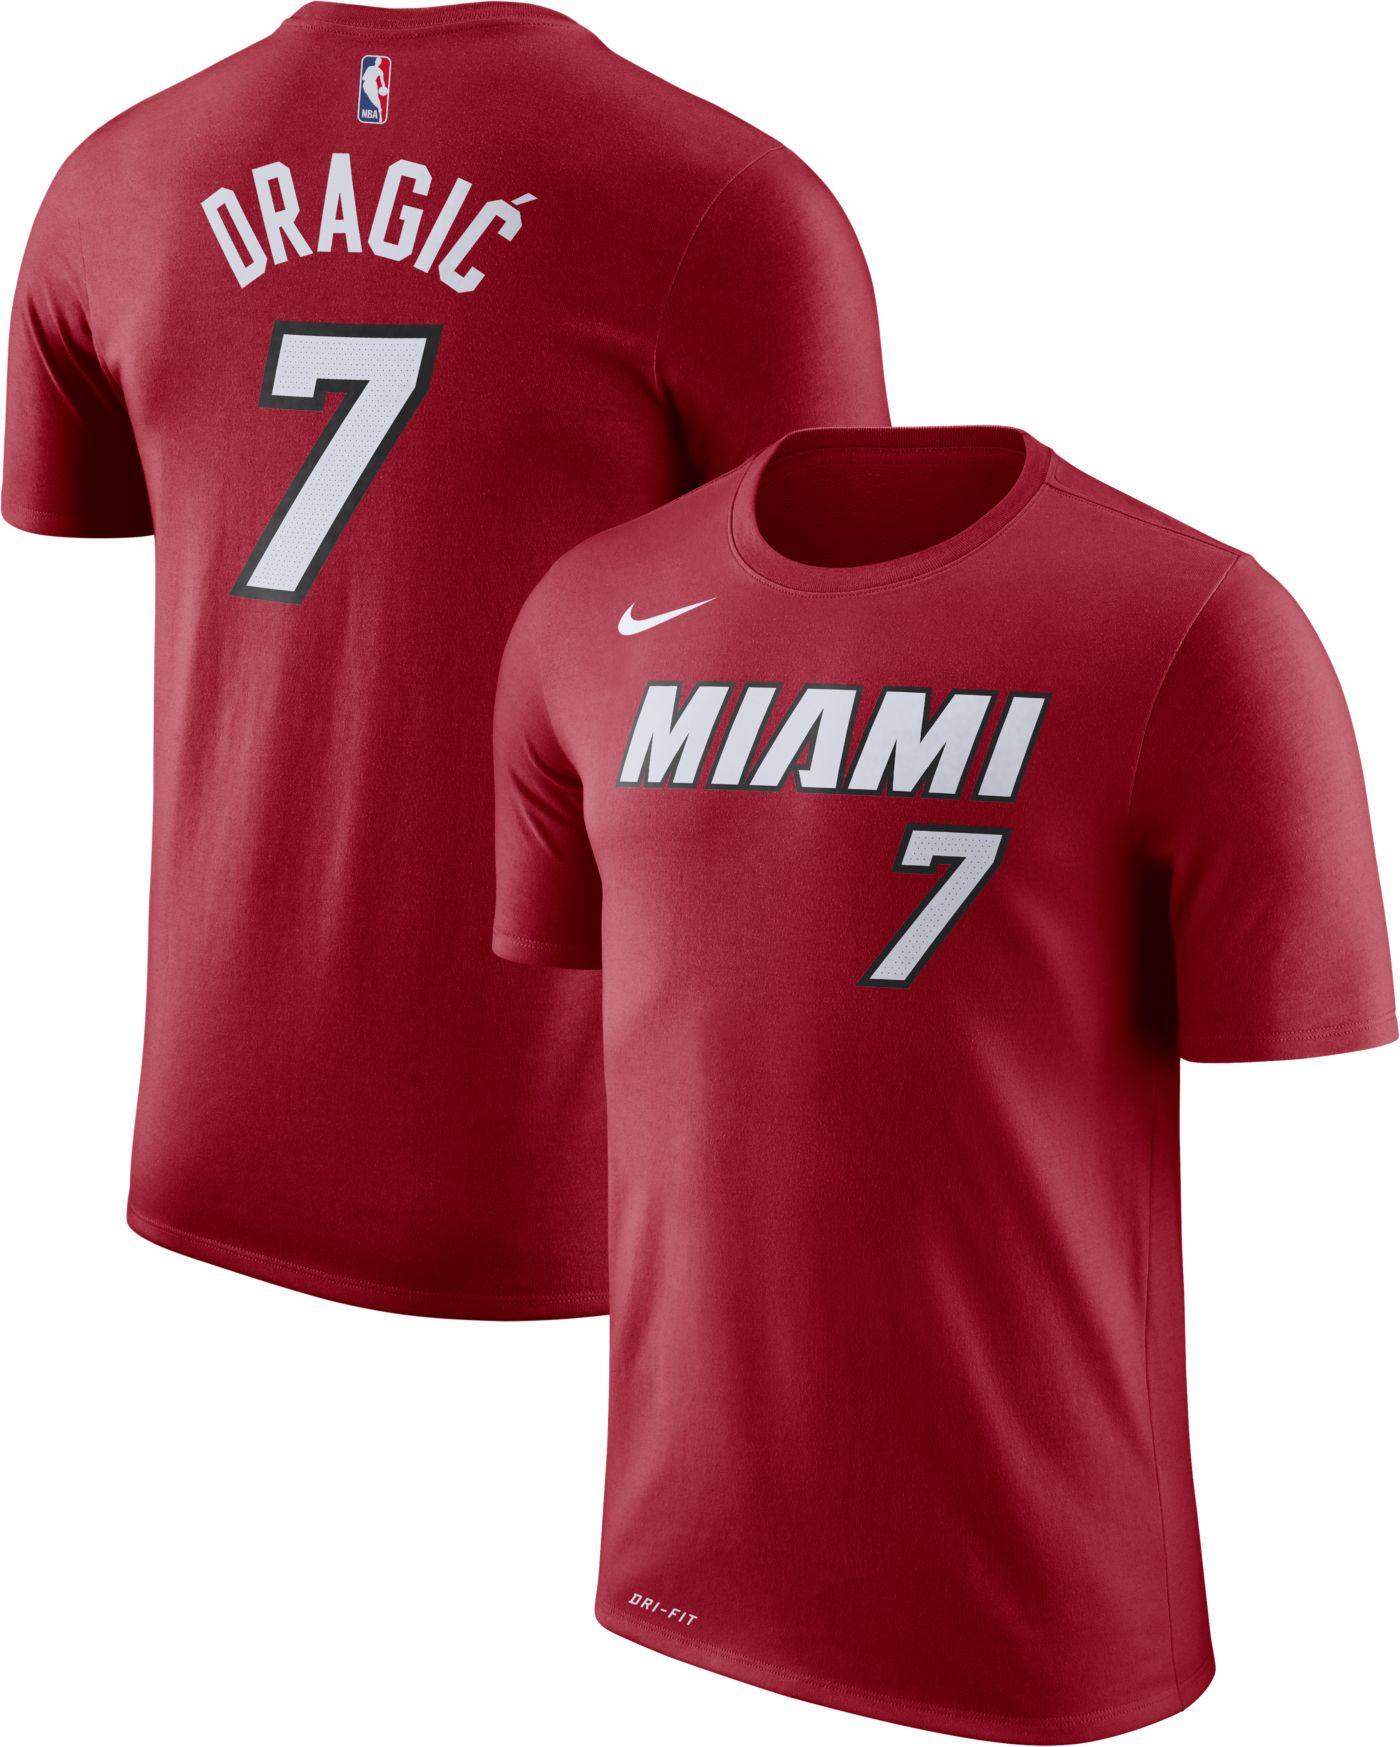 Nike Men's Miami Heat Goran Dragic #7 Dri-FIT Statement Red T-Shirt